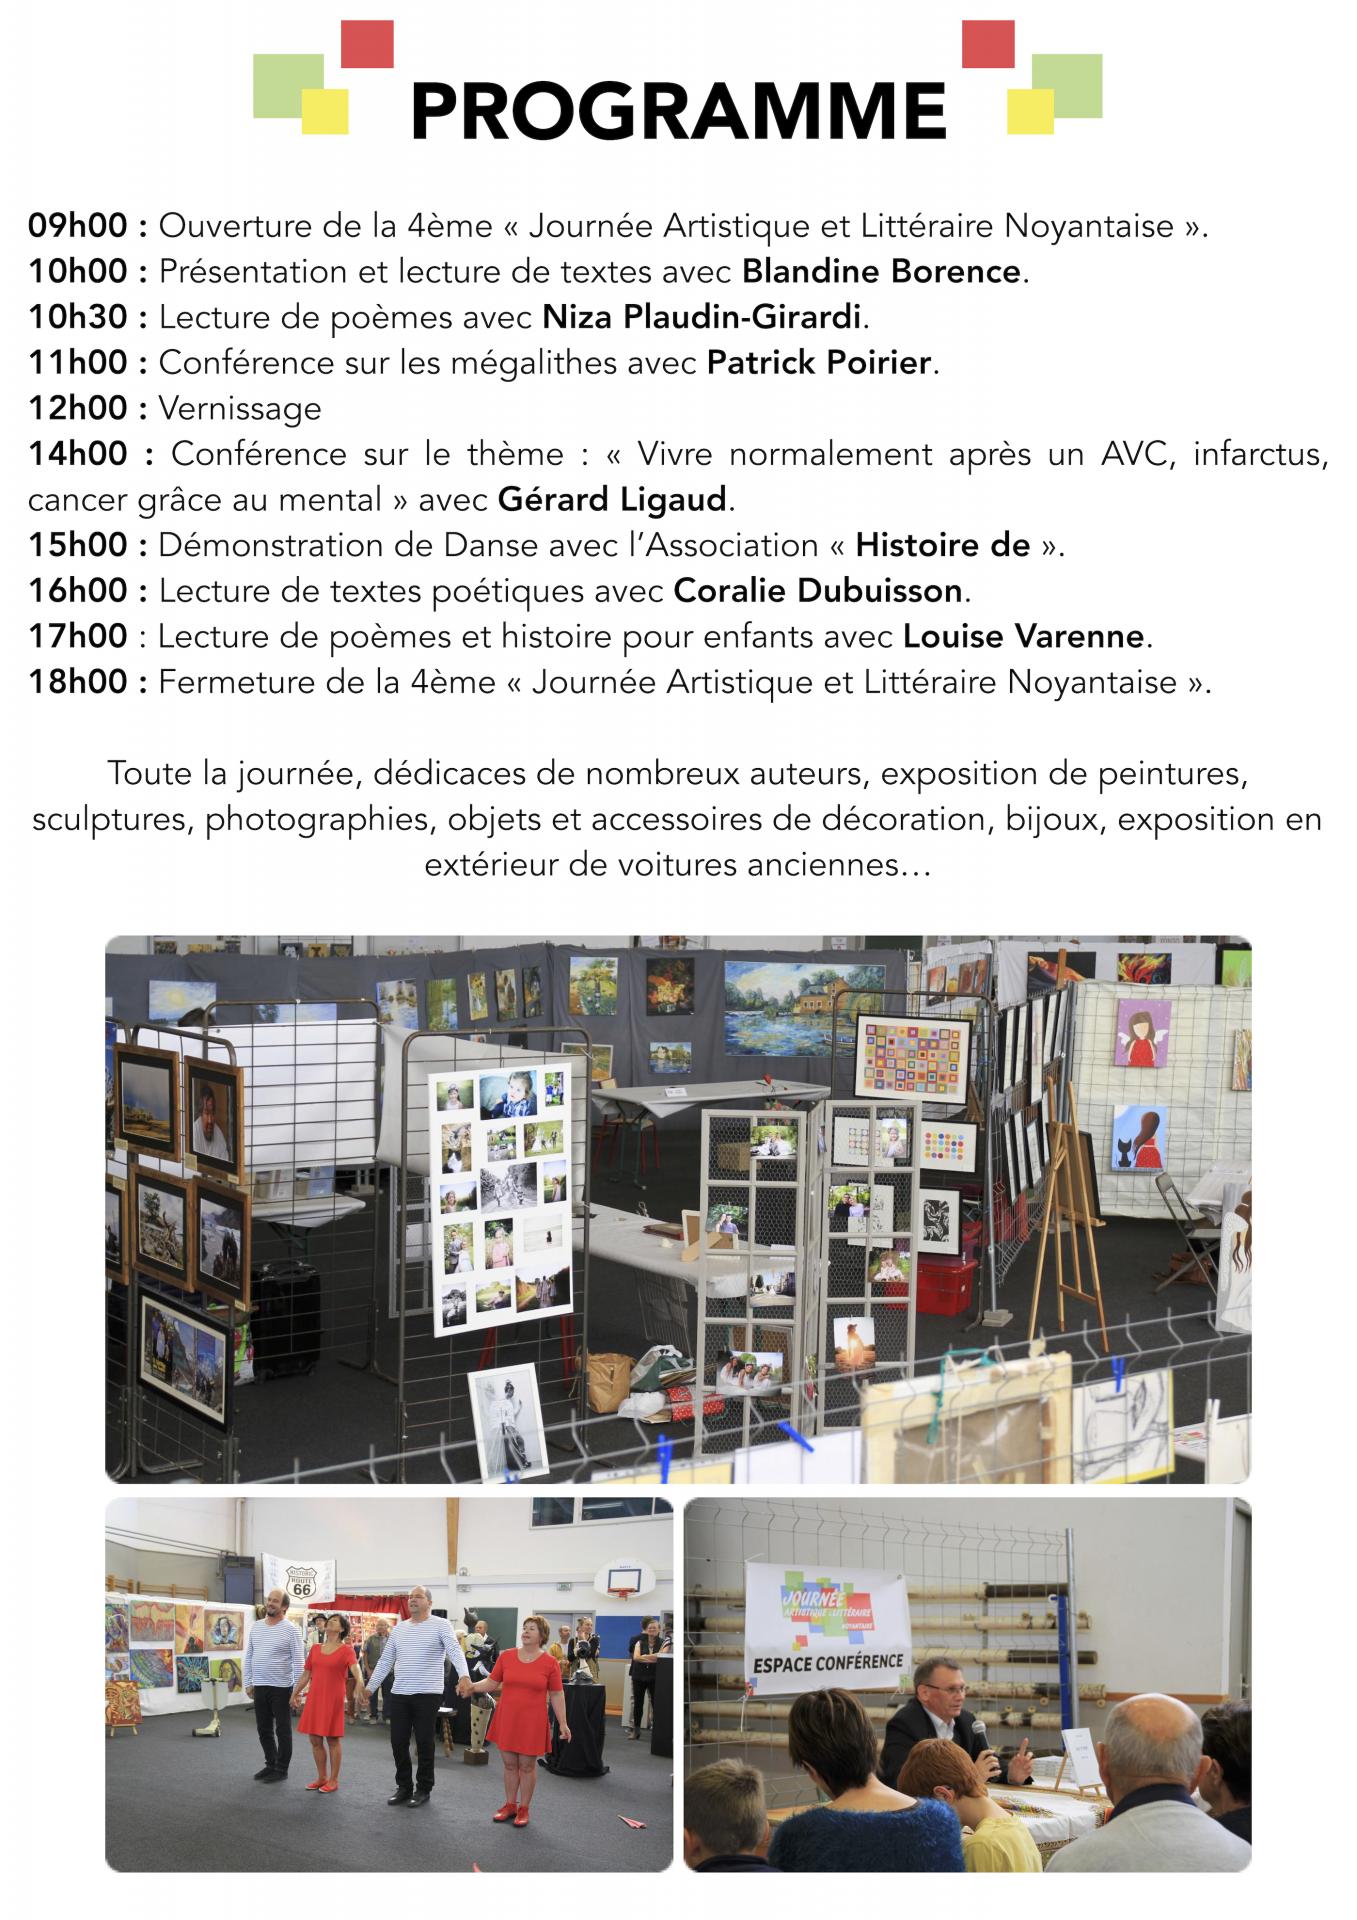 Programme 2019 - Journée Artistique et Littéraire Noyantaise